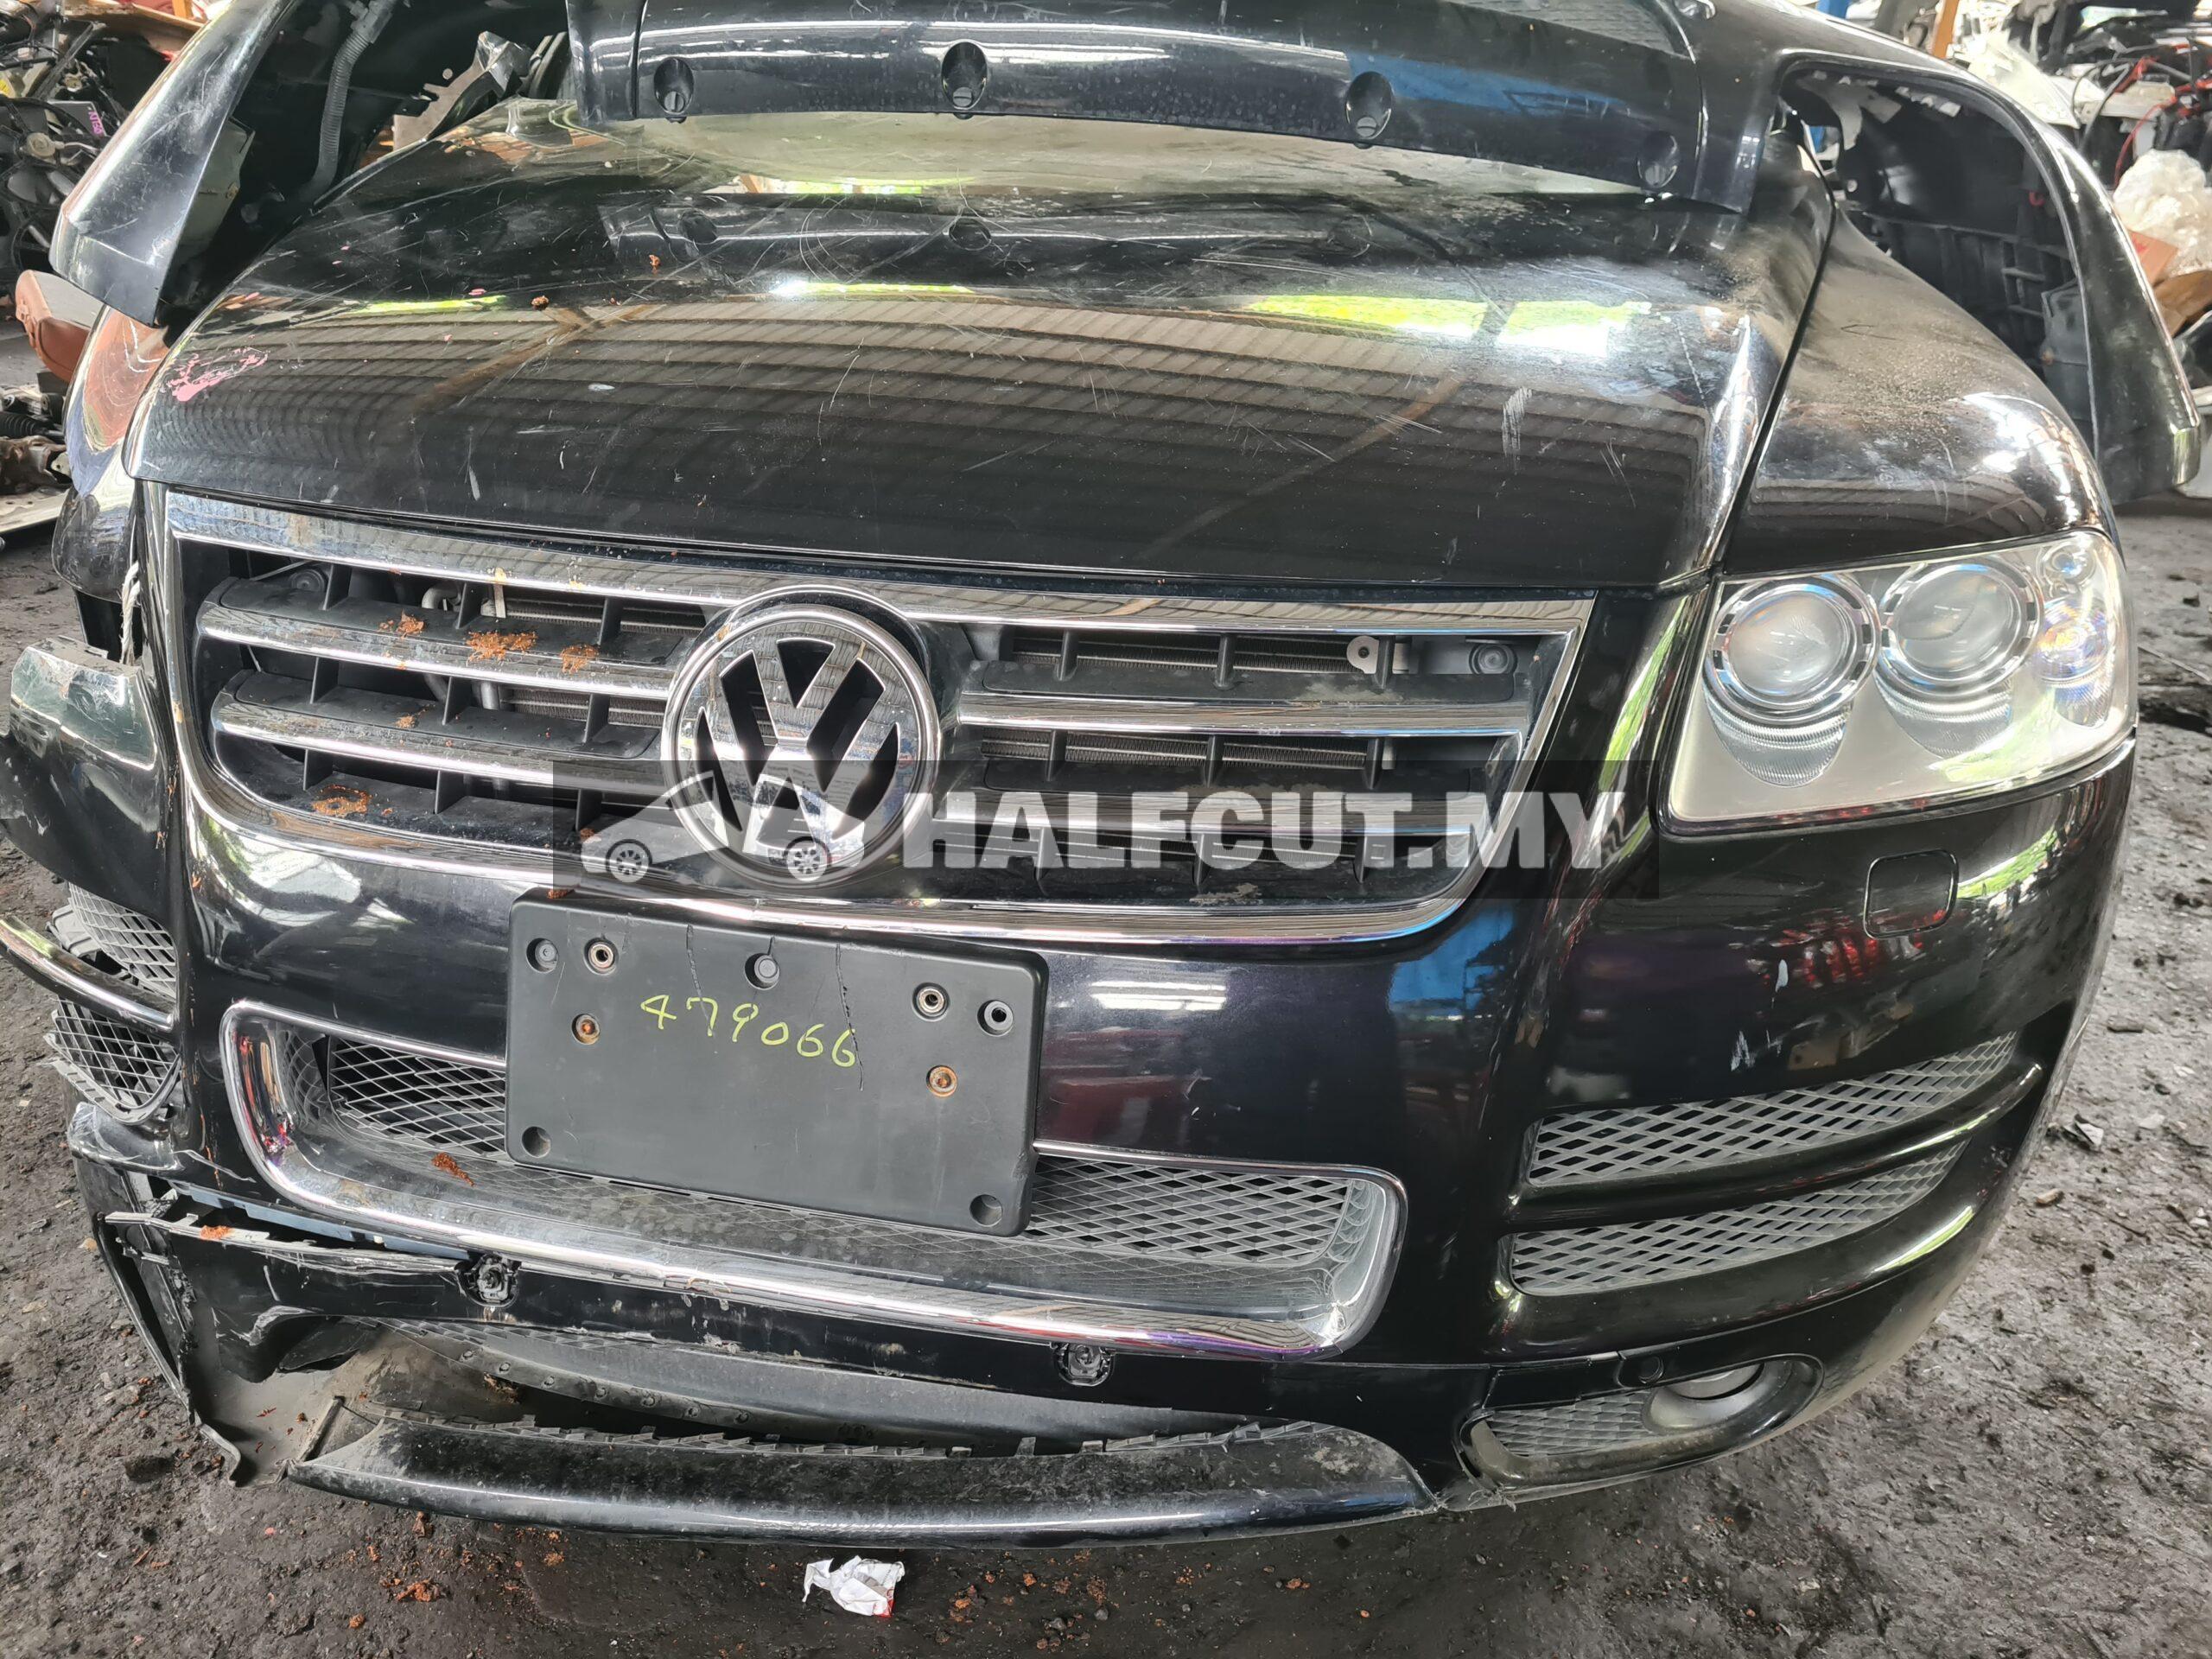 VW touareg 3.2 halfcut